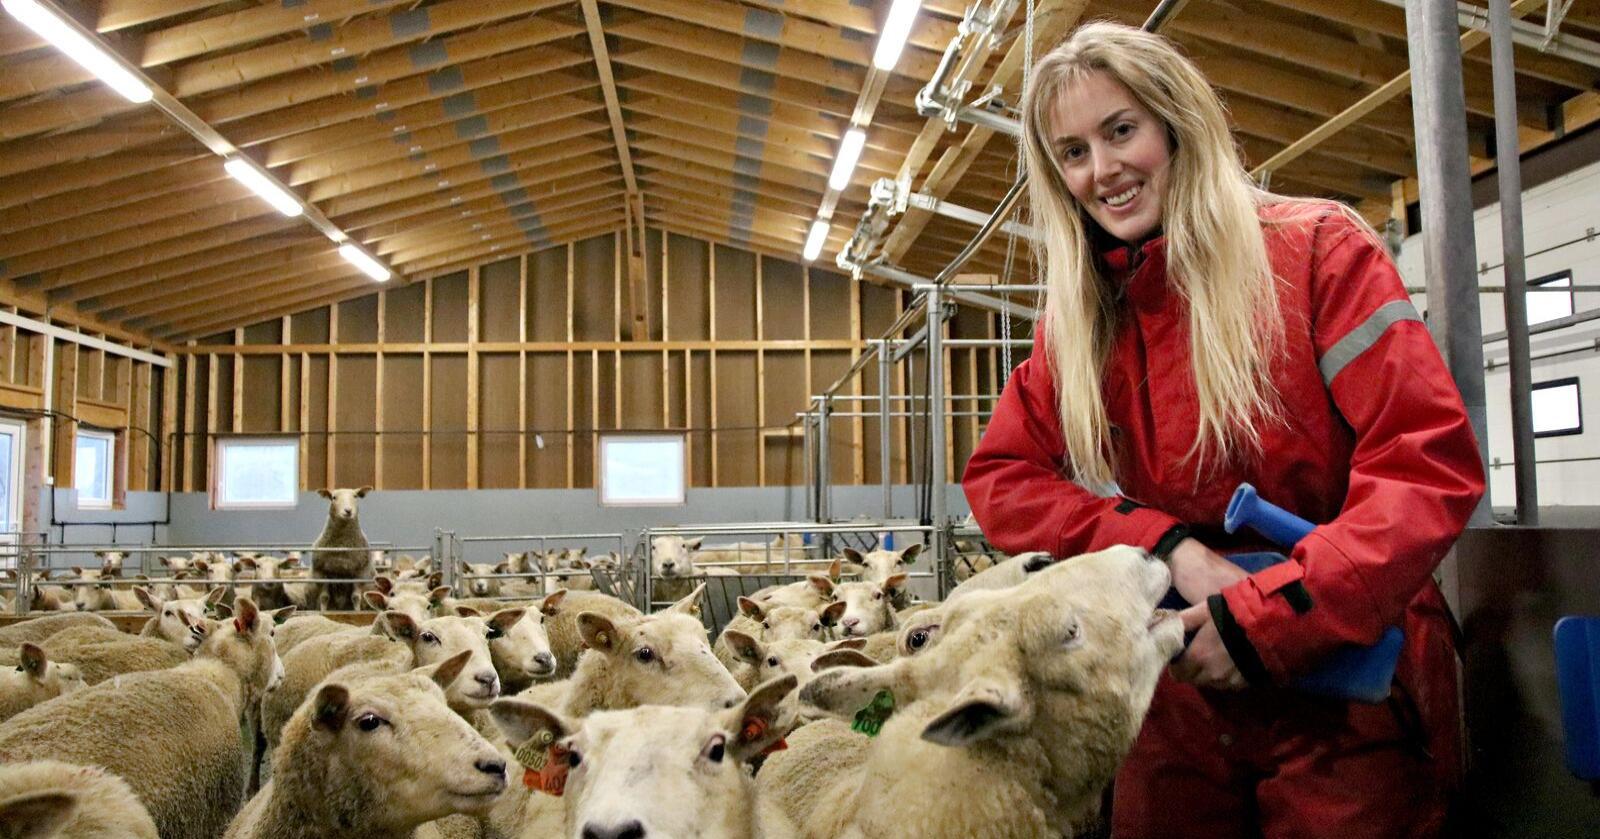 Budsjettet for det nye sauefjøset var på 2 240 000 kroner. Lisa Marthine Utgård forteller at det er plass til 200 vinterforede sauer i nyfjøset. Foto: Knut Houge